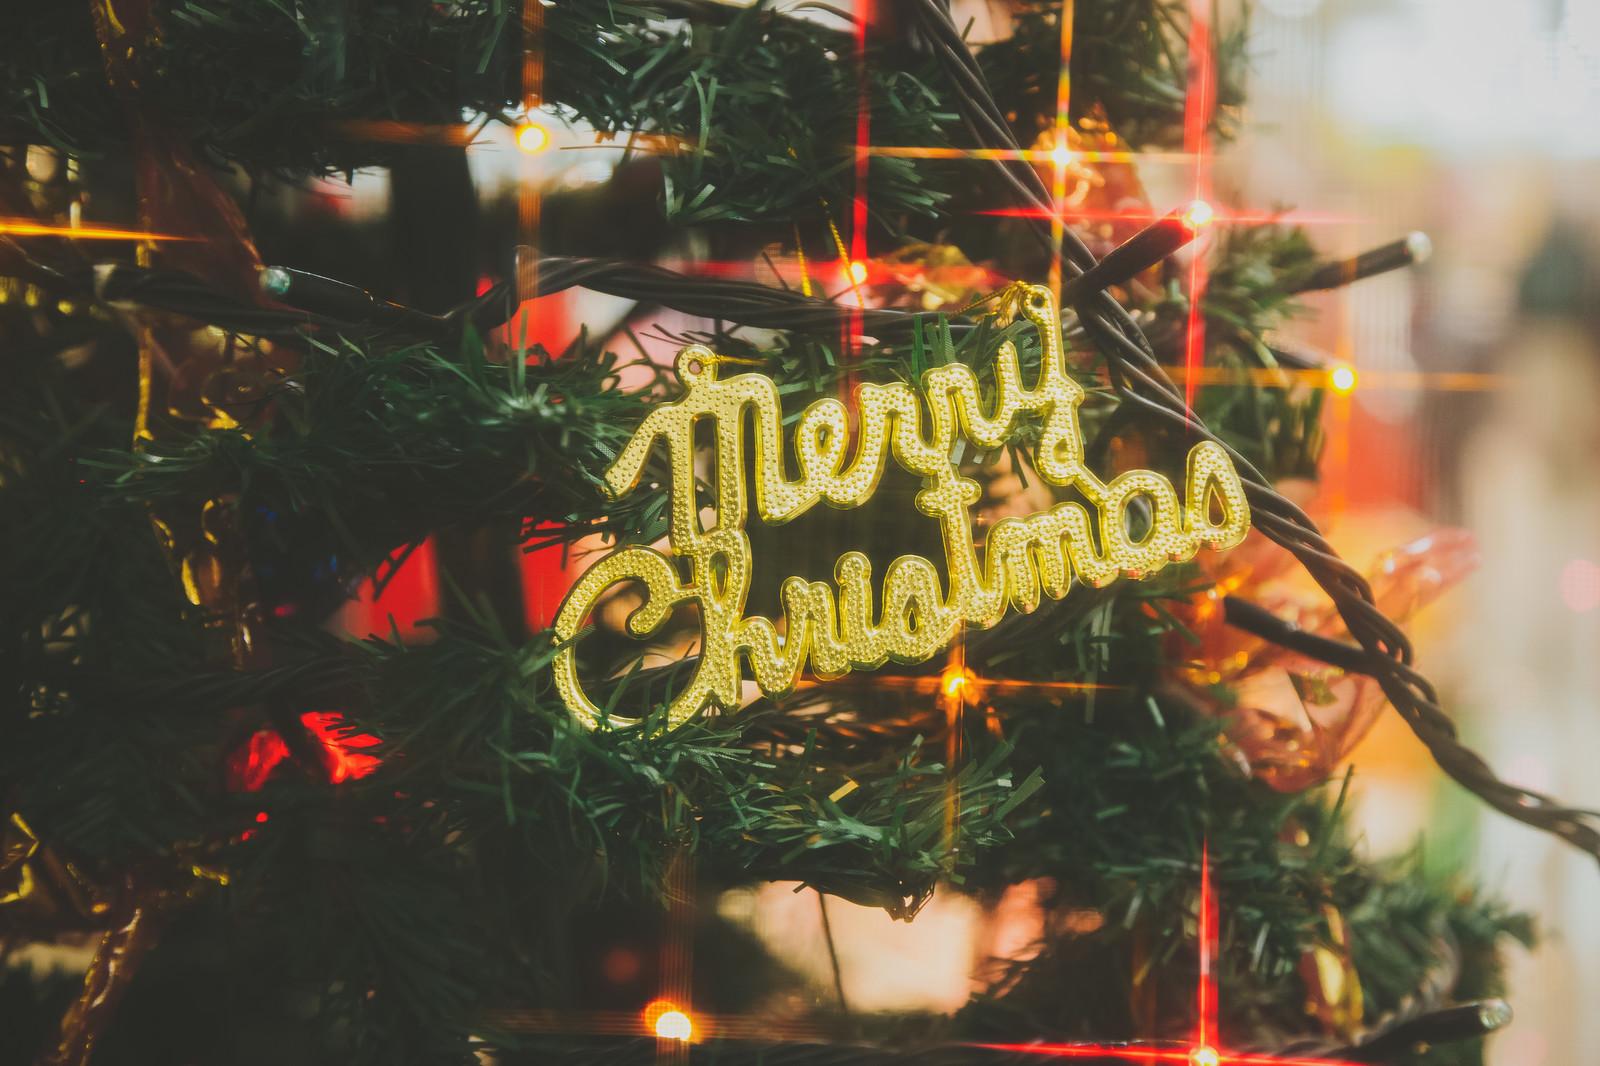 62955fe840b6 2019年に20代後半の彼氏に贈るクリスマスプレゼント!33選   TANP [タンプ]